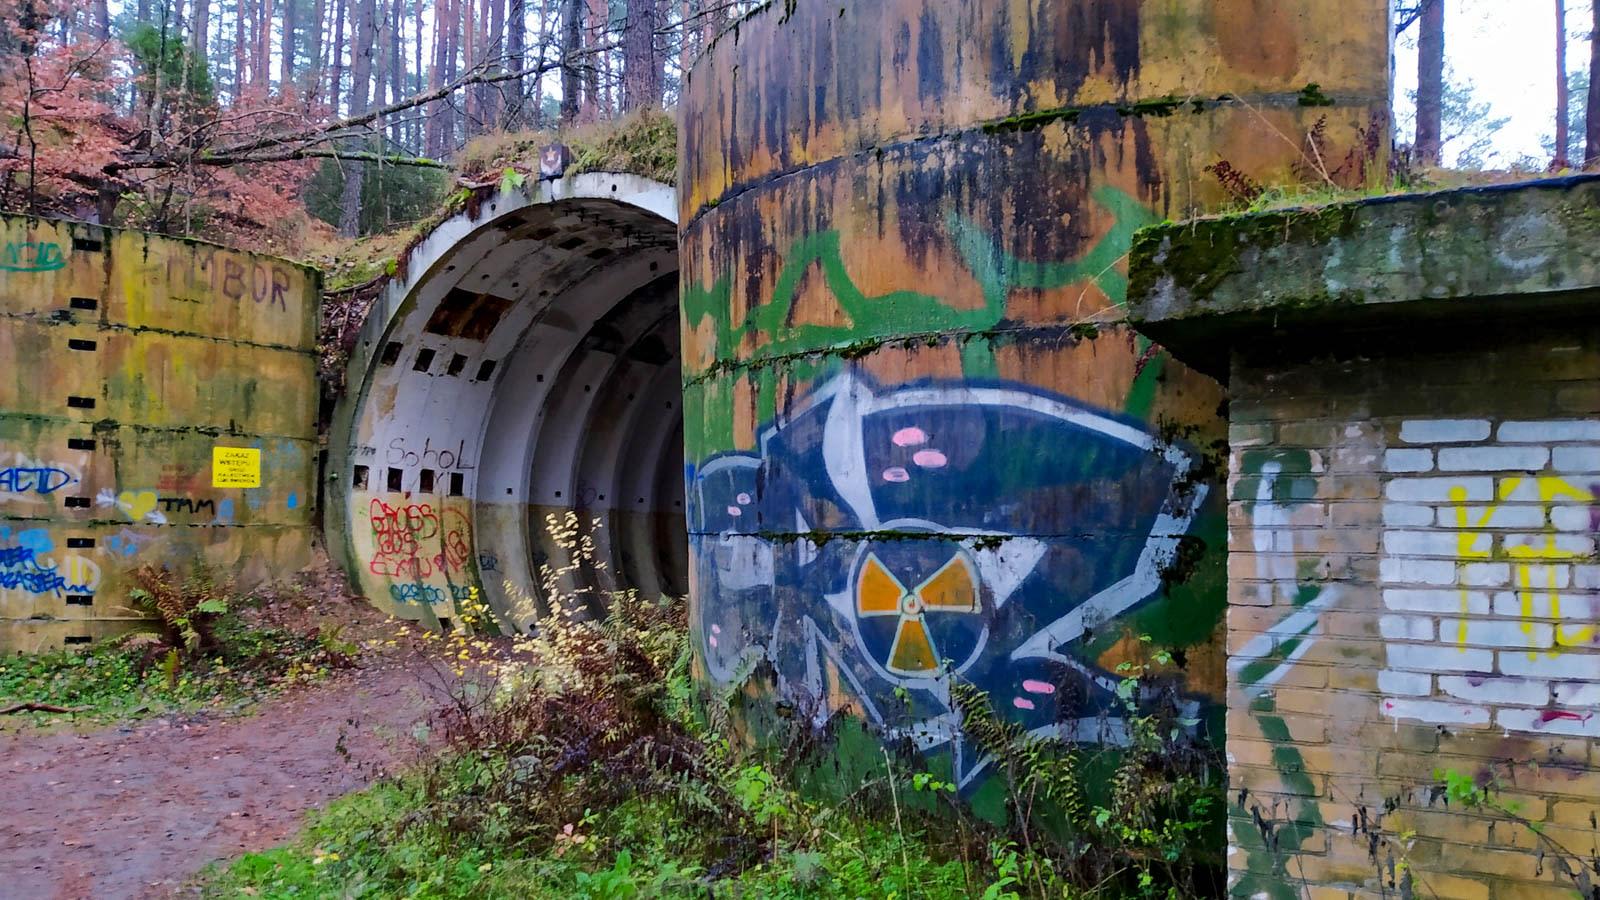 نظرة داخل قاعدة الصواريخ النووية السوفيتية المهجورة وسط غابة بولندية